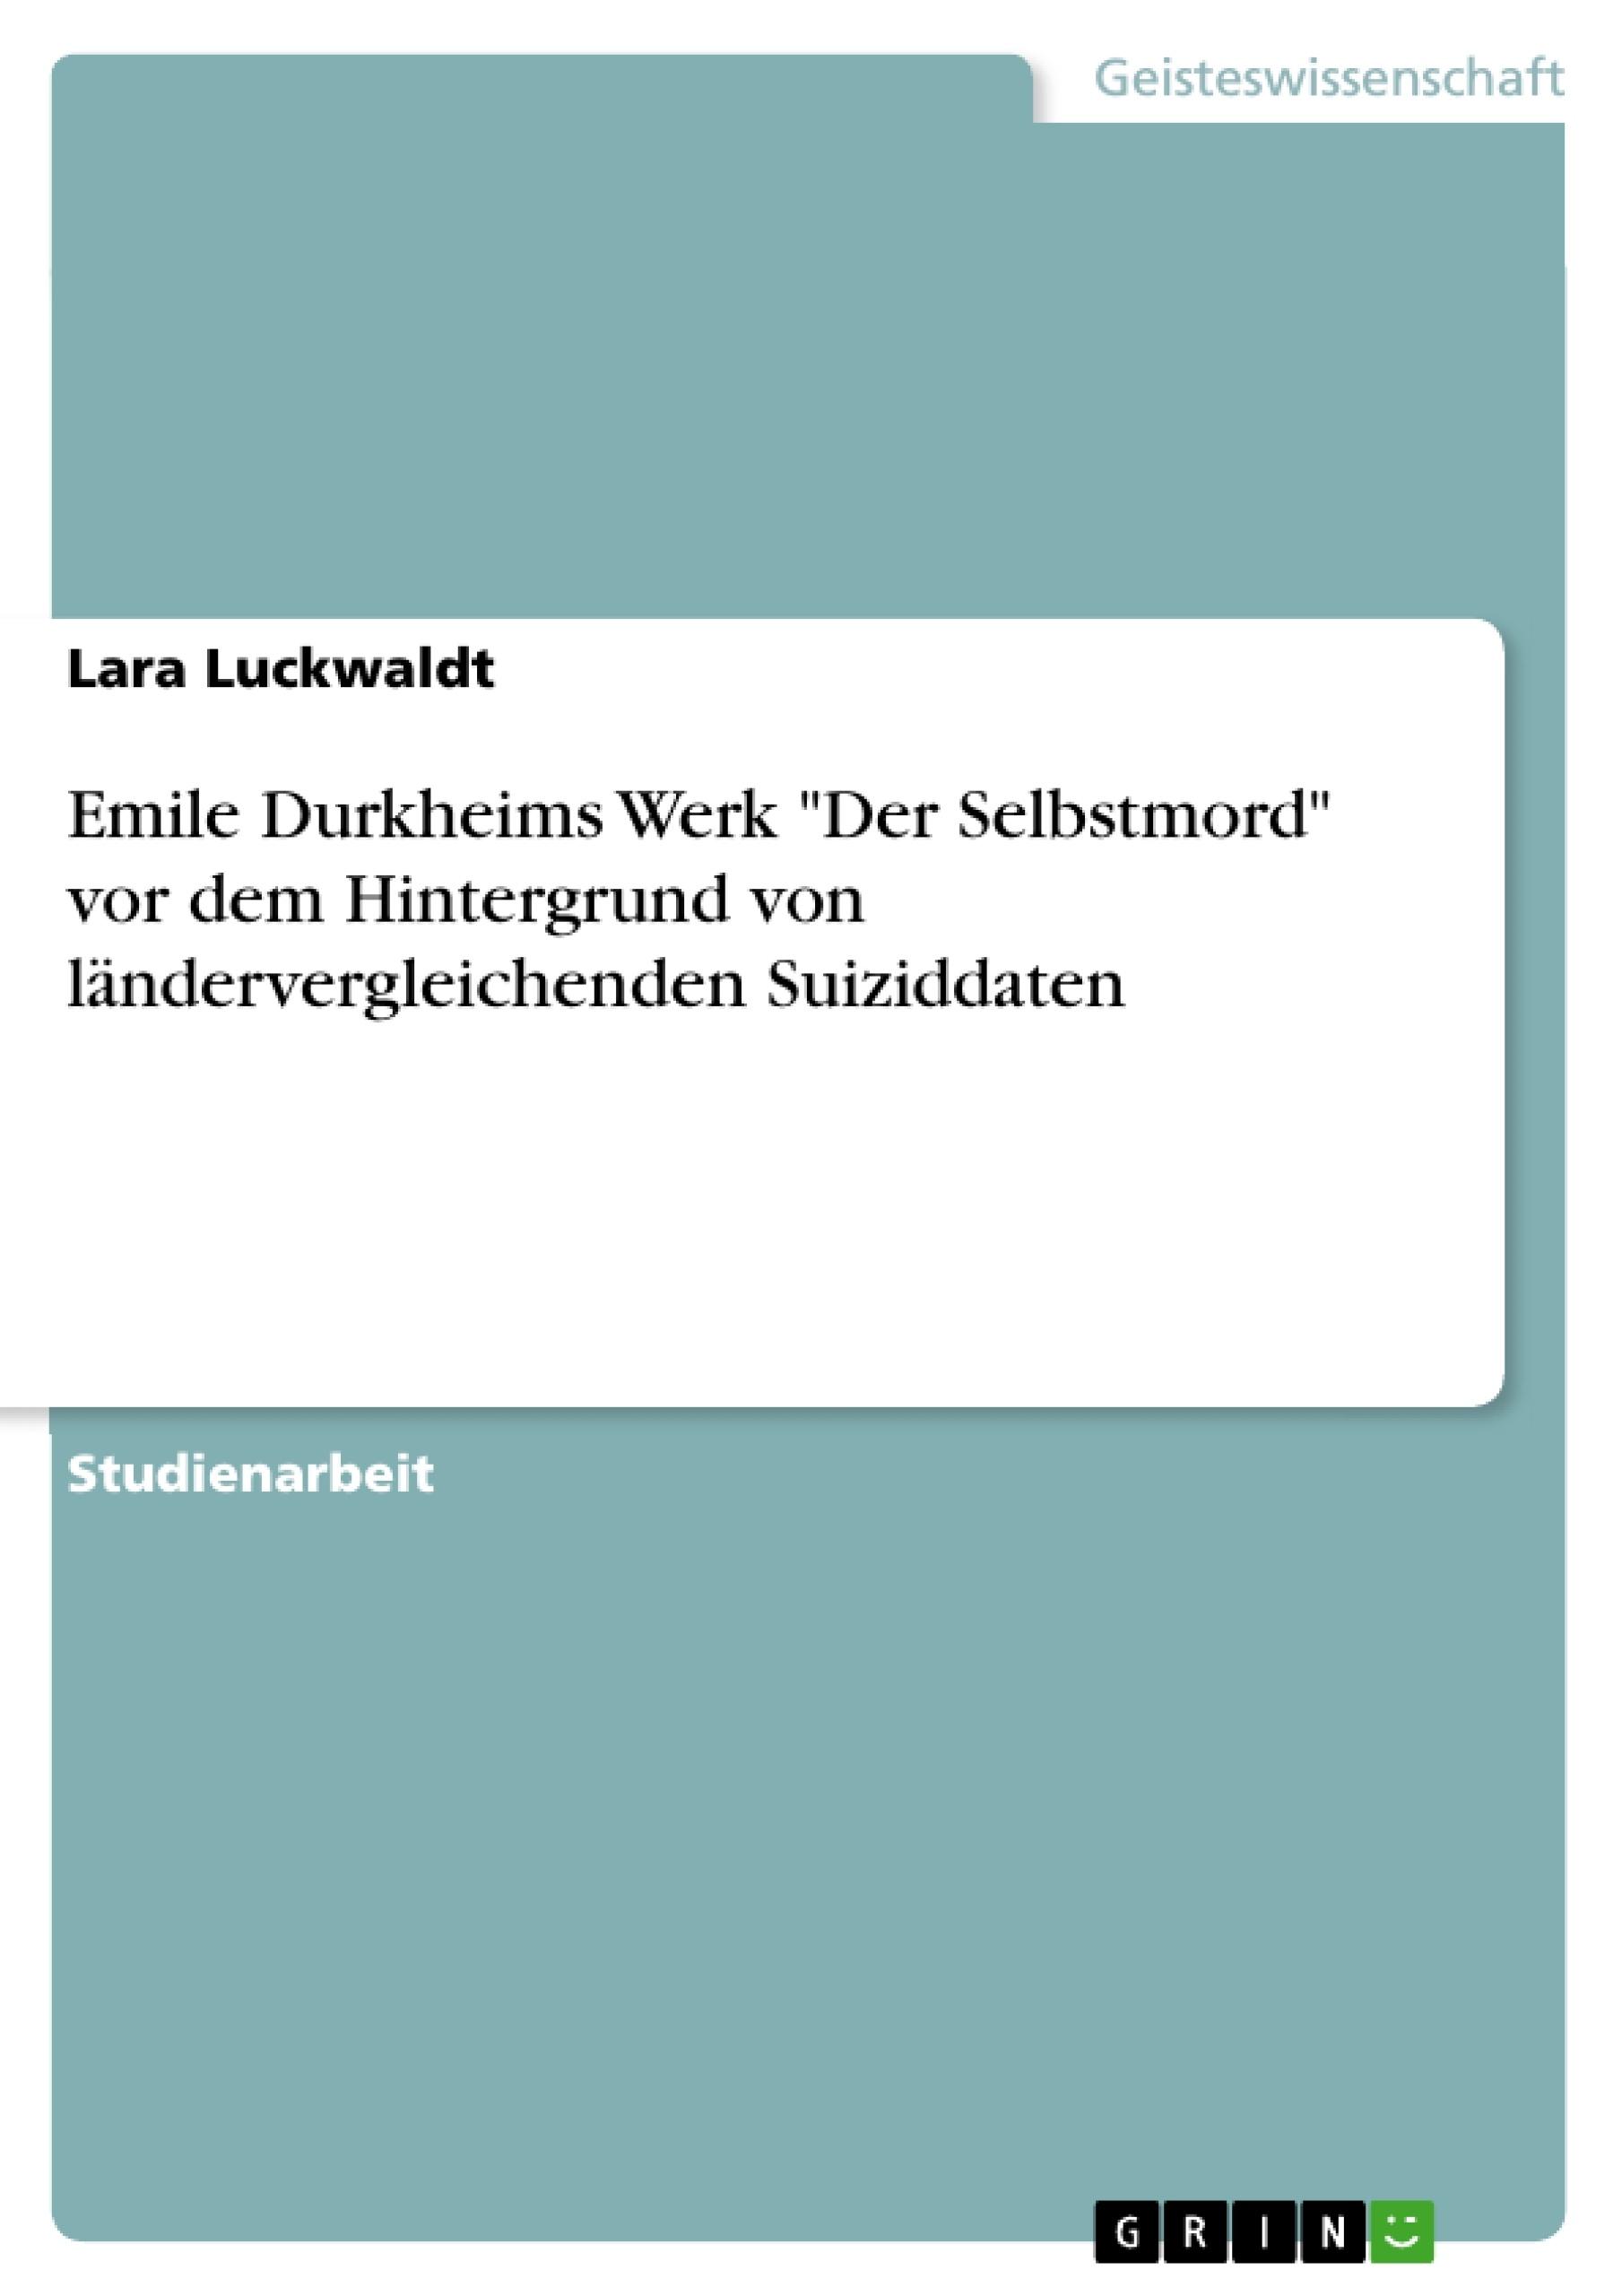 """Titel: Emile Durkheims Werk """"Der Selbstmord"""" vor dem Hintergrund von ländervergleichenden Suiziddaten"""